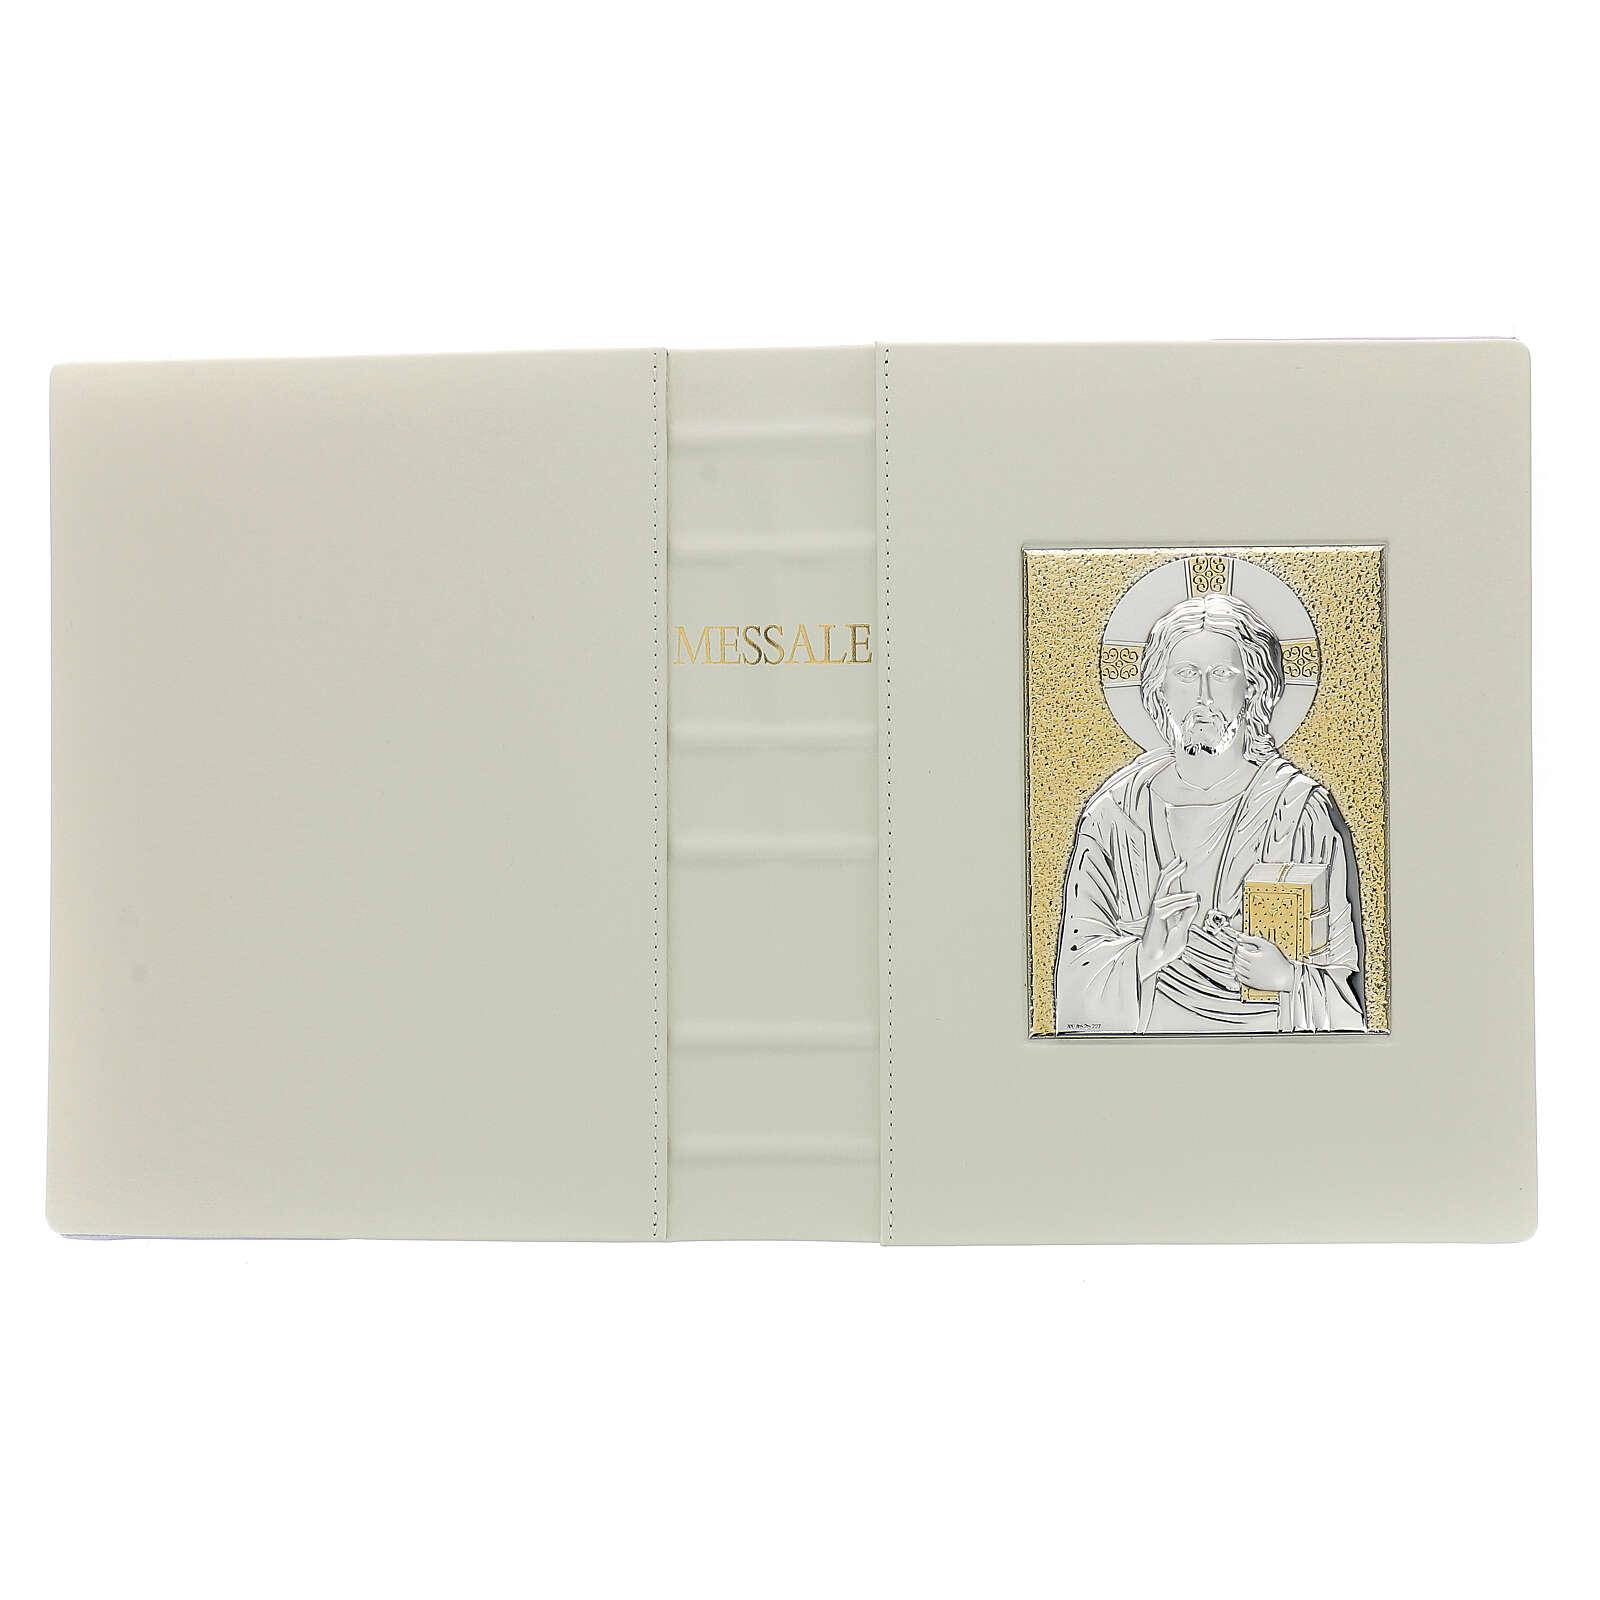 Custodia Messale III edizione vaticana rossa stampa alfa omega vera pelle  4